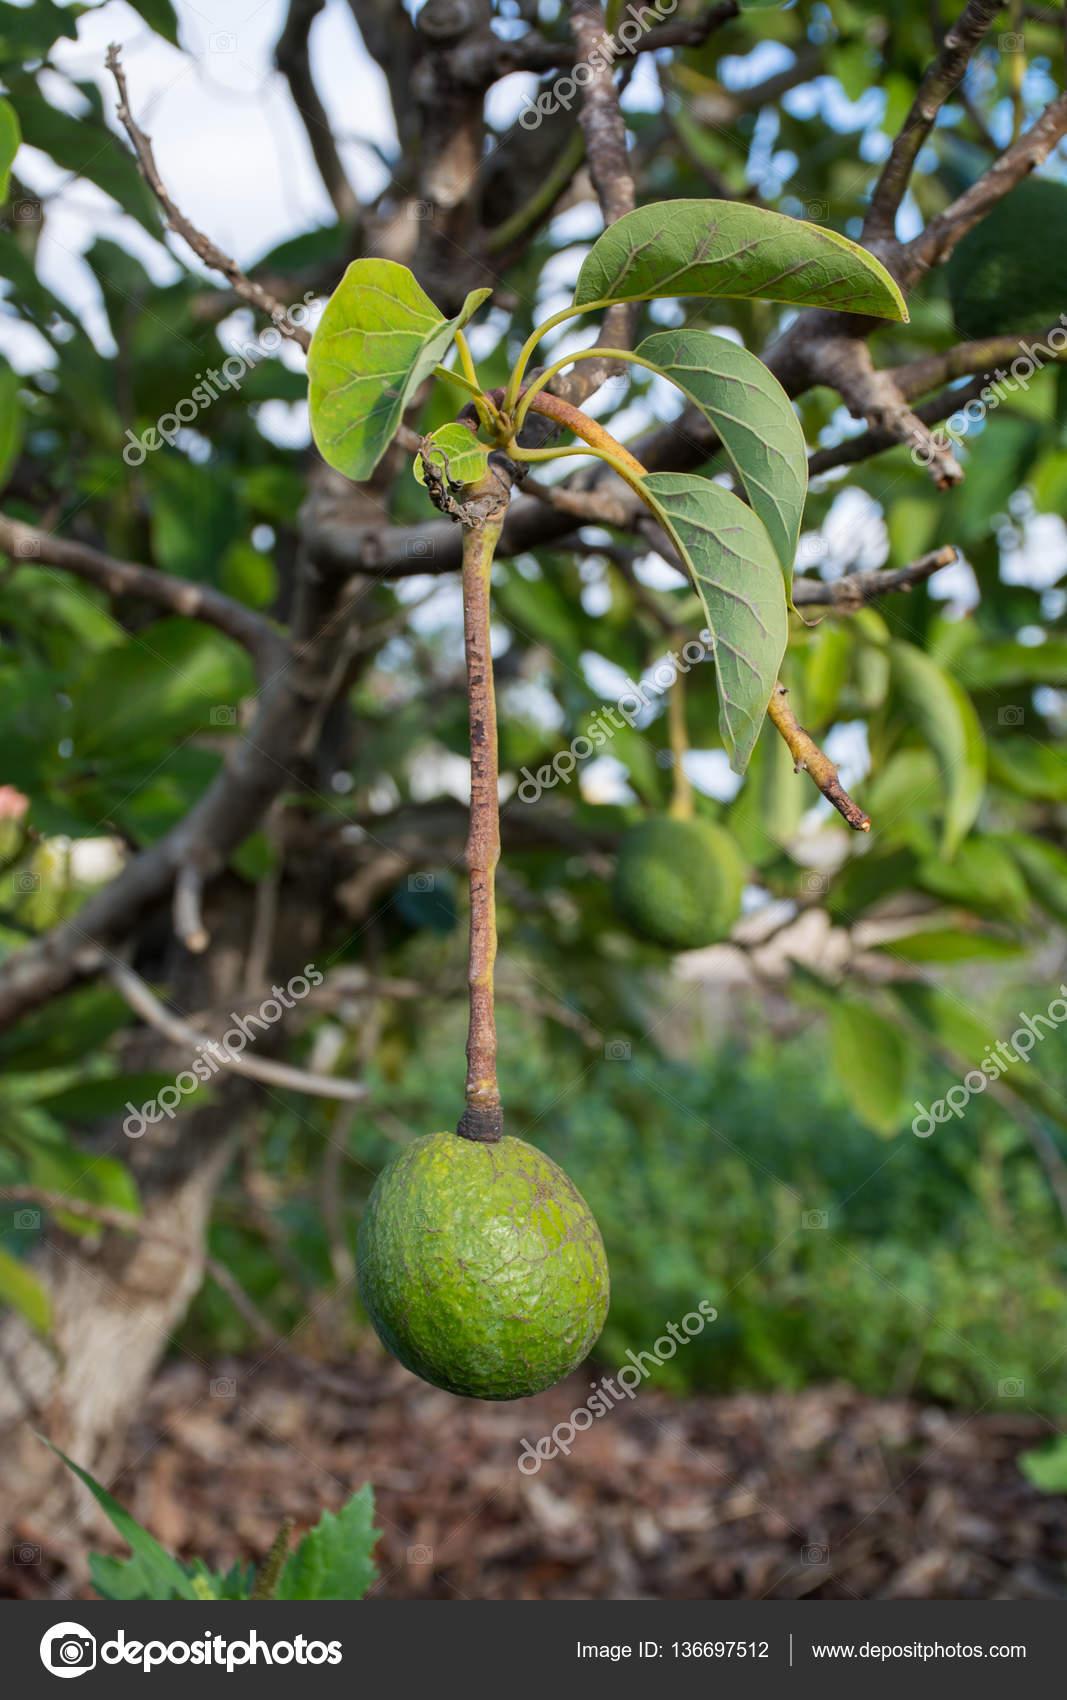 vert avocat mûr sur la plantation d'arbres, avocat — photographie